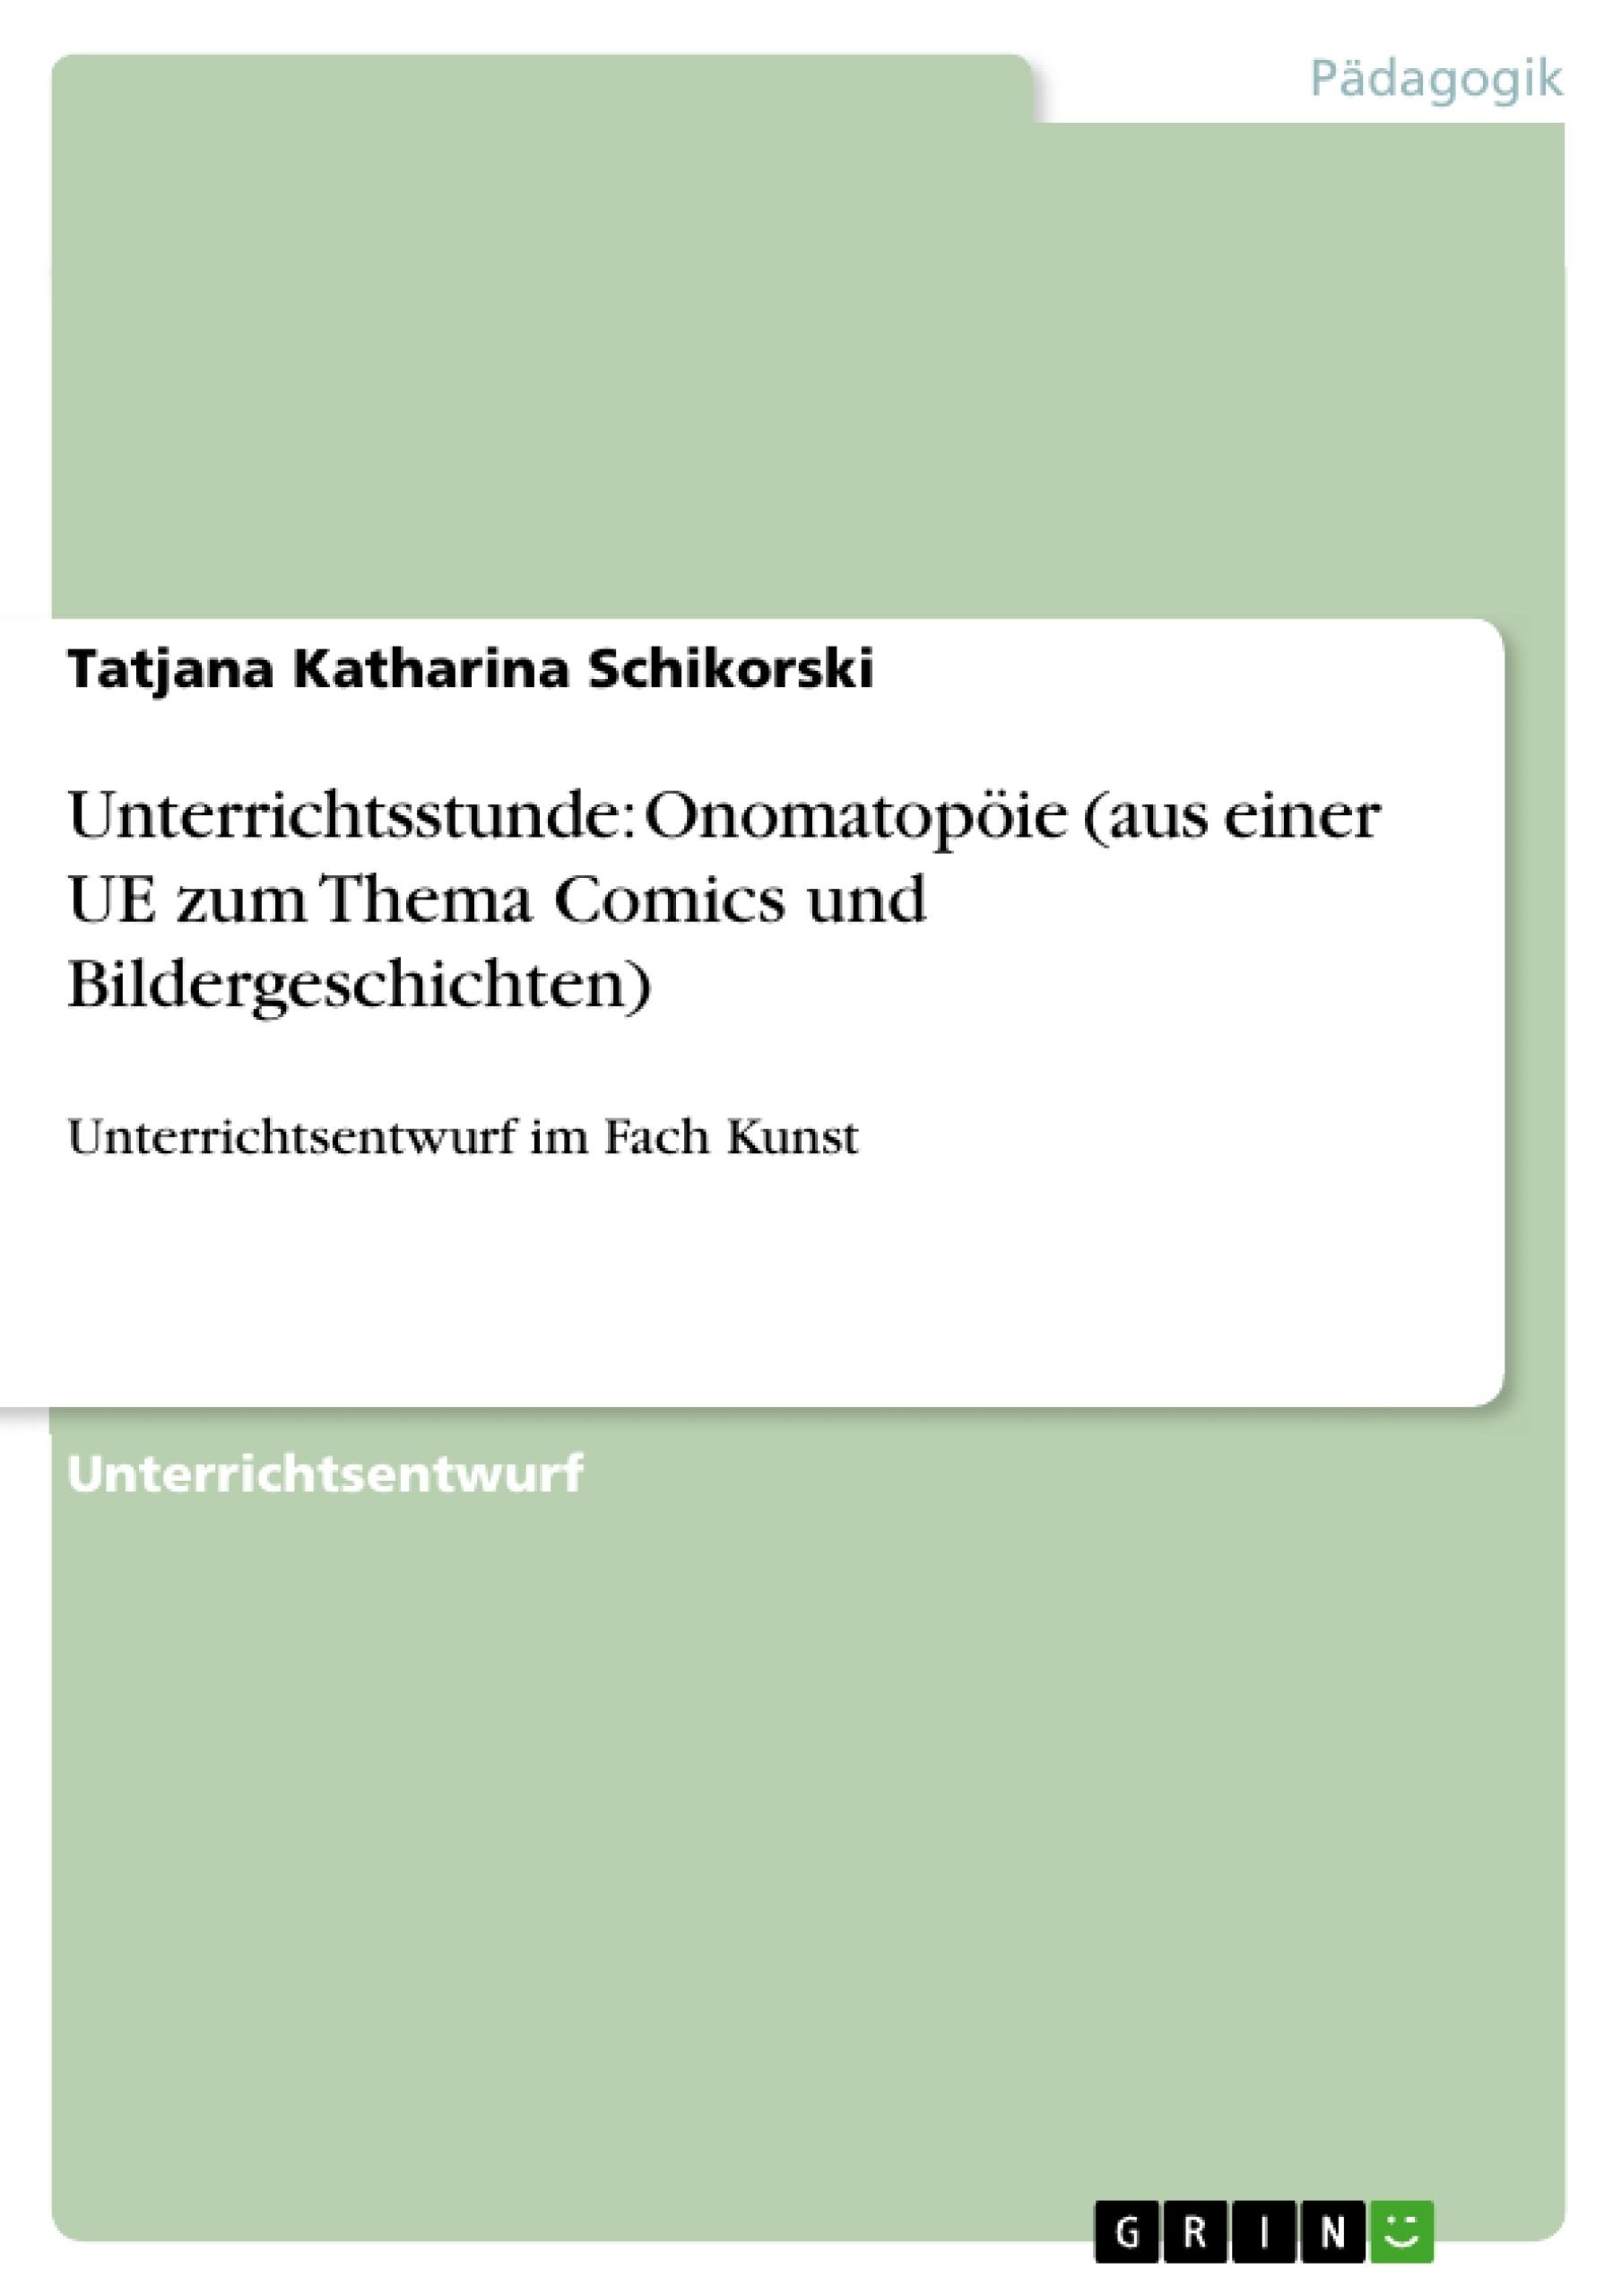 Titel: Unterrichtsstunde: Onomatopöie (aus einer UE zum Thema Comics und Bildergeschichten)